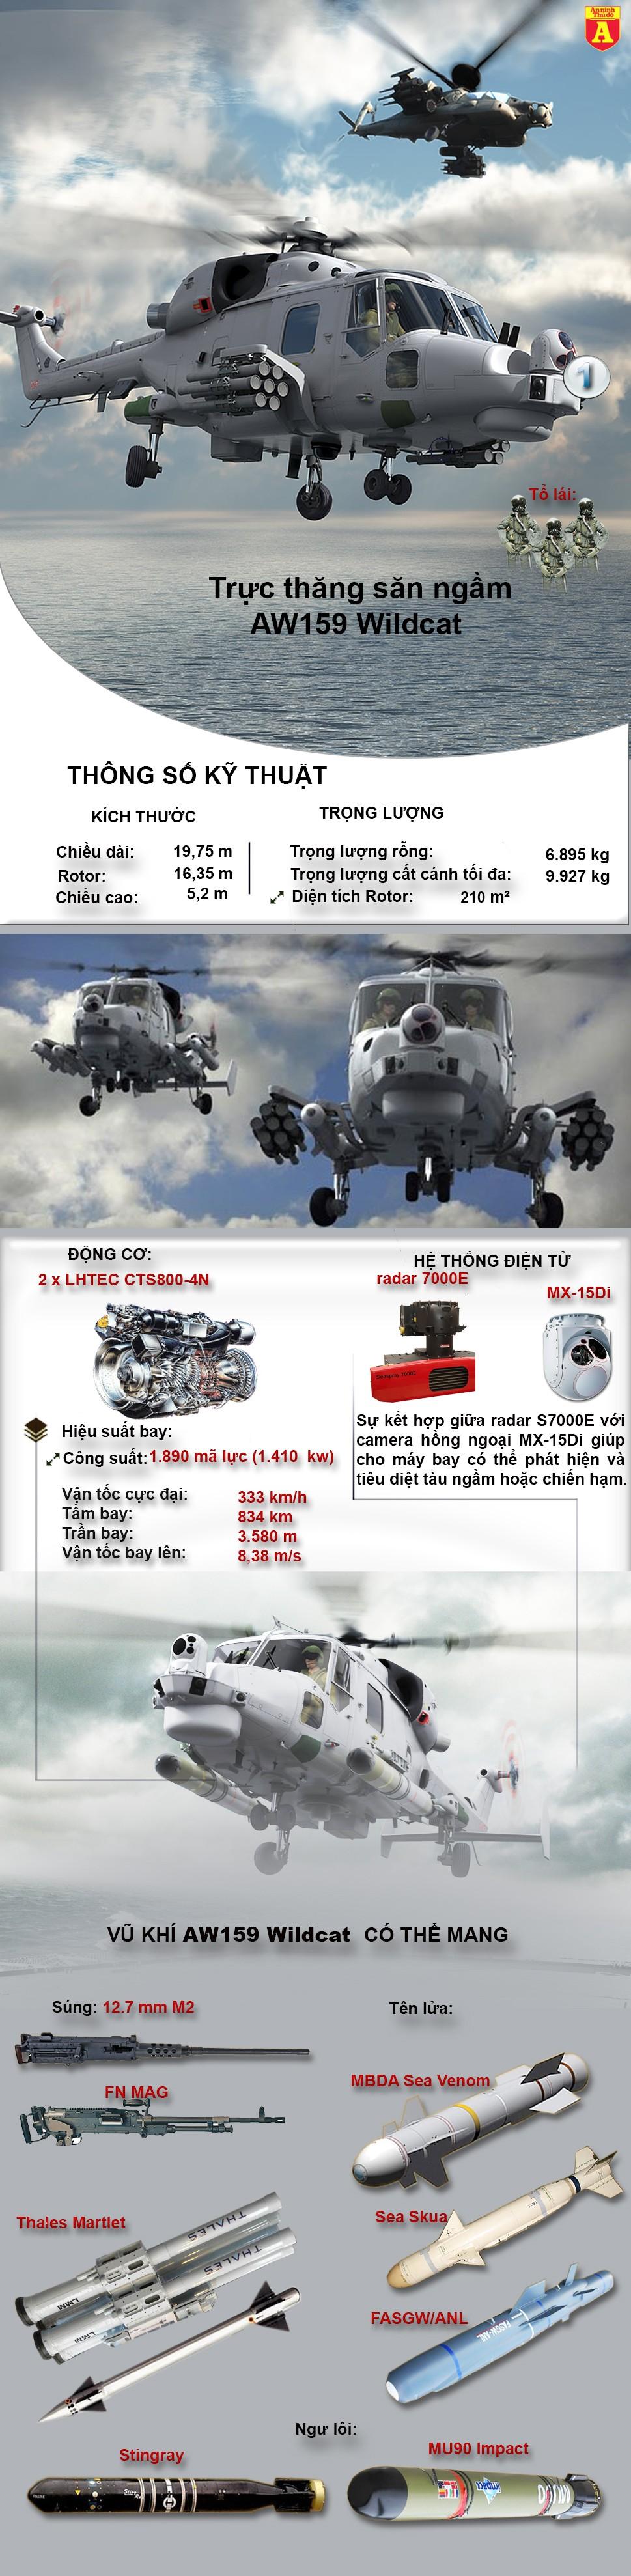 [Infographic] Sức mạnh siêu trực thăng săn ngầm Hàn Quốc vừa triển khai đề phòng Triều Tiên ảnh 2